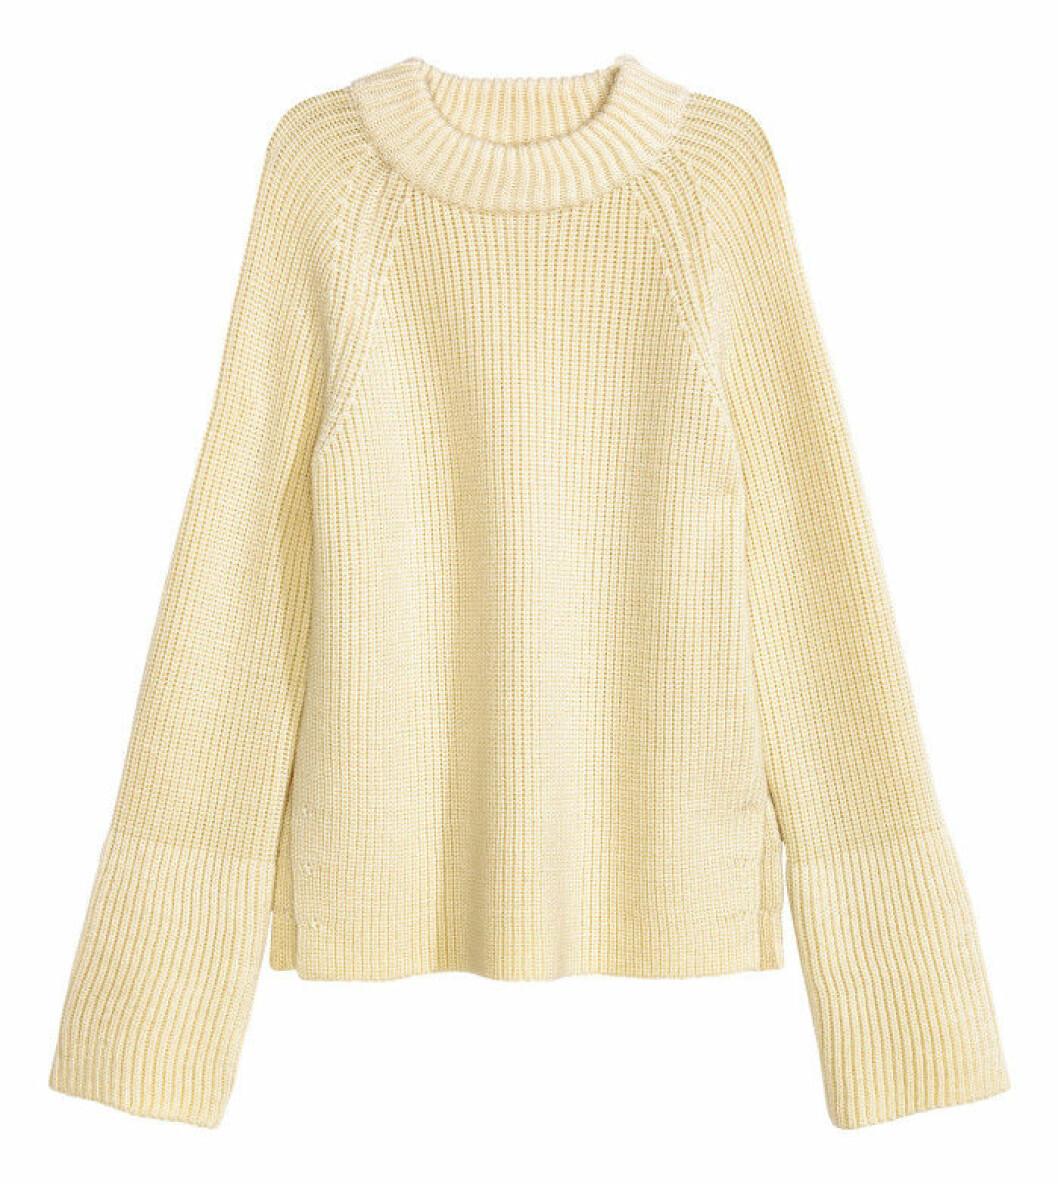 Stickad tröja, H&M, 499 kr